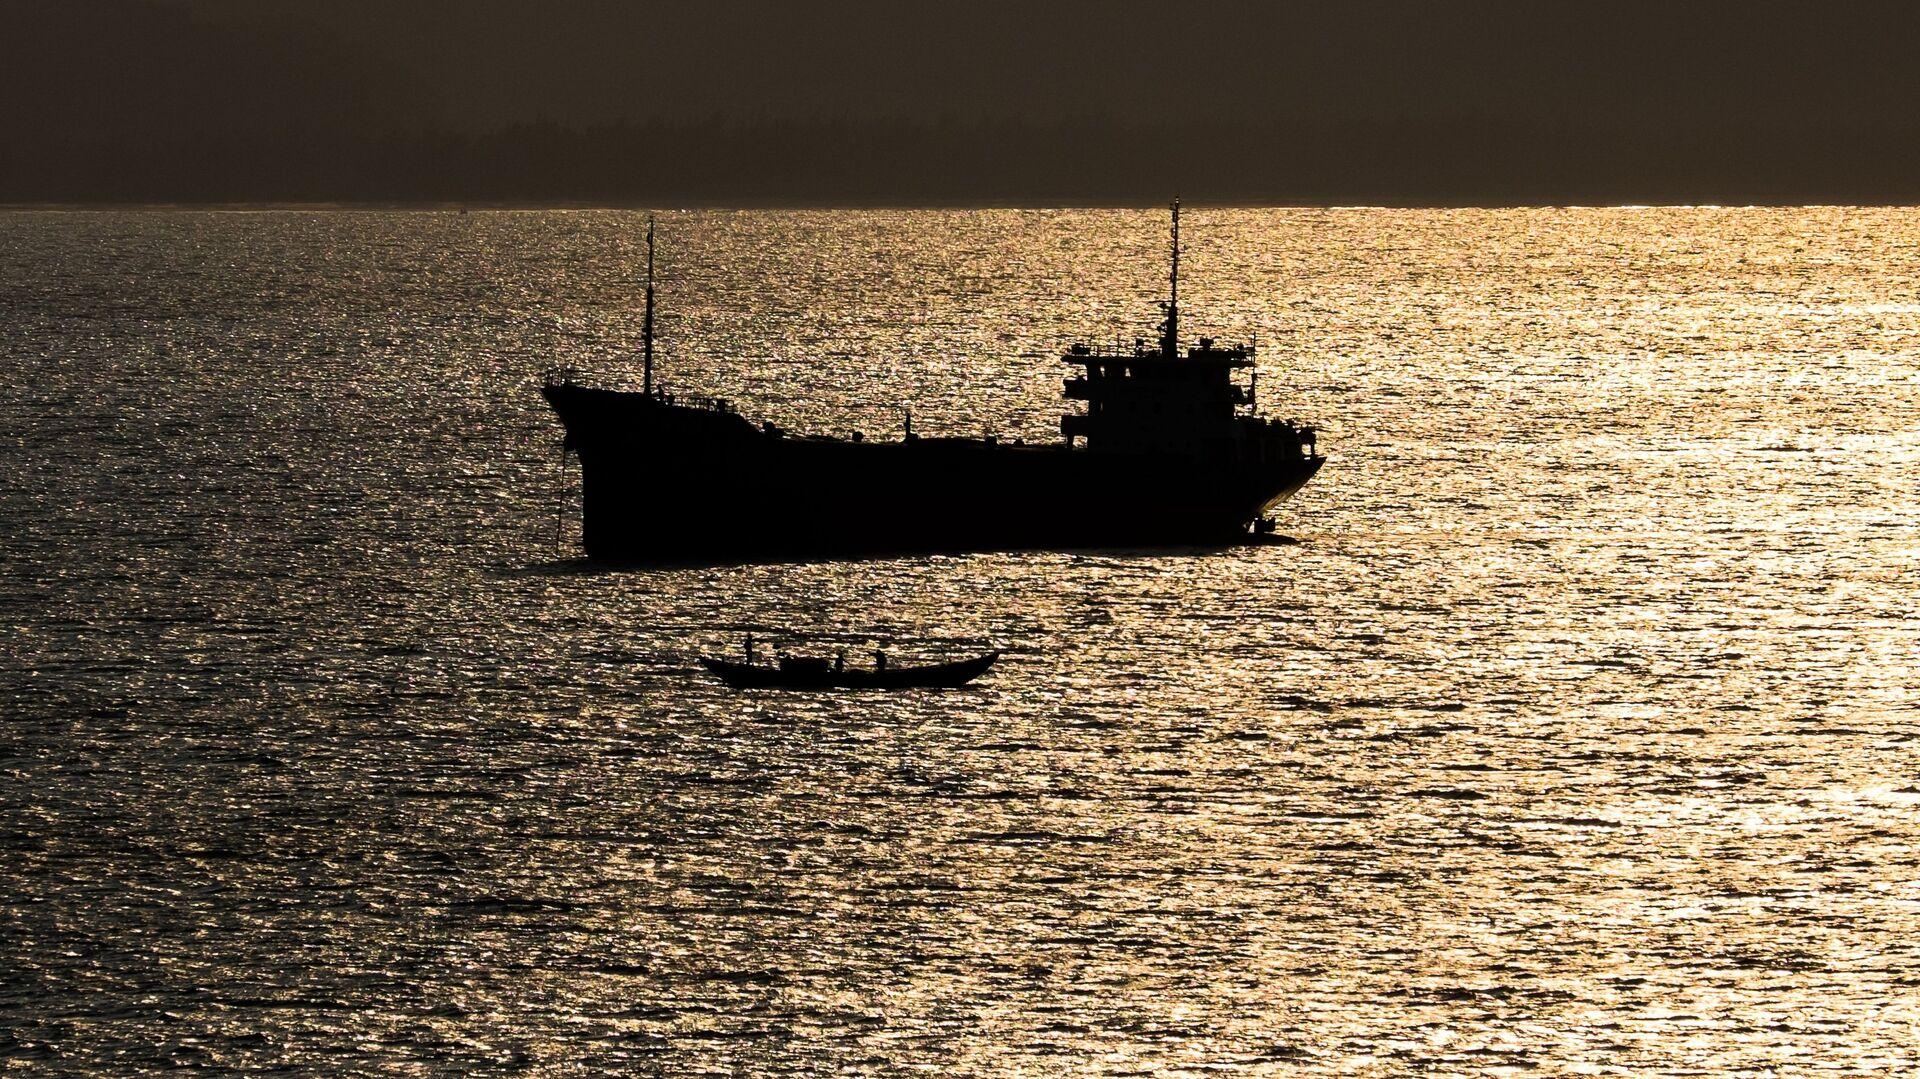 В Малайзии задержали танкер с россиянами на борту